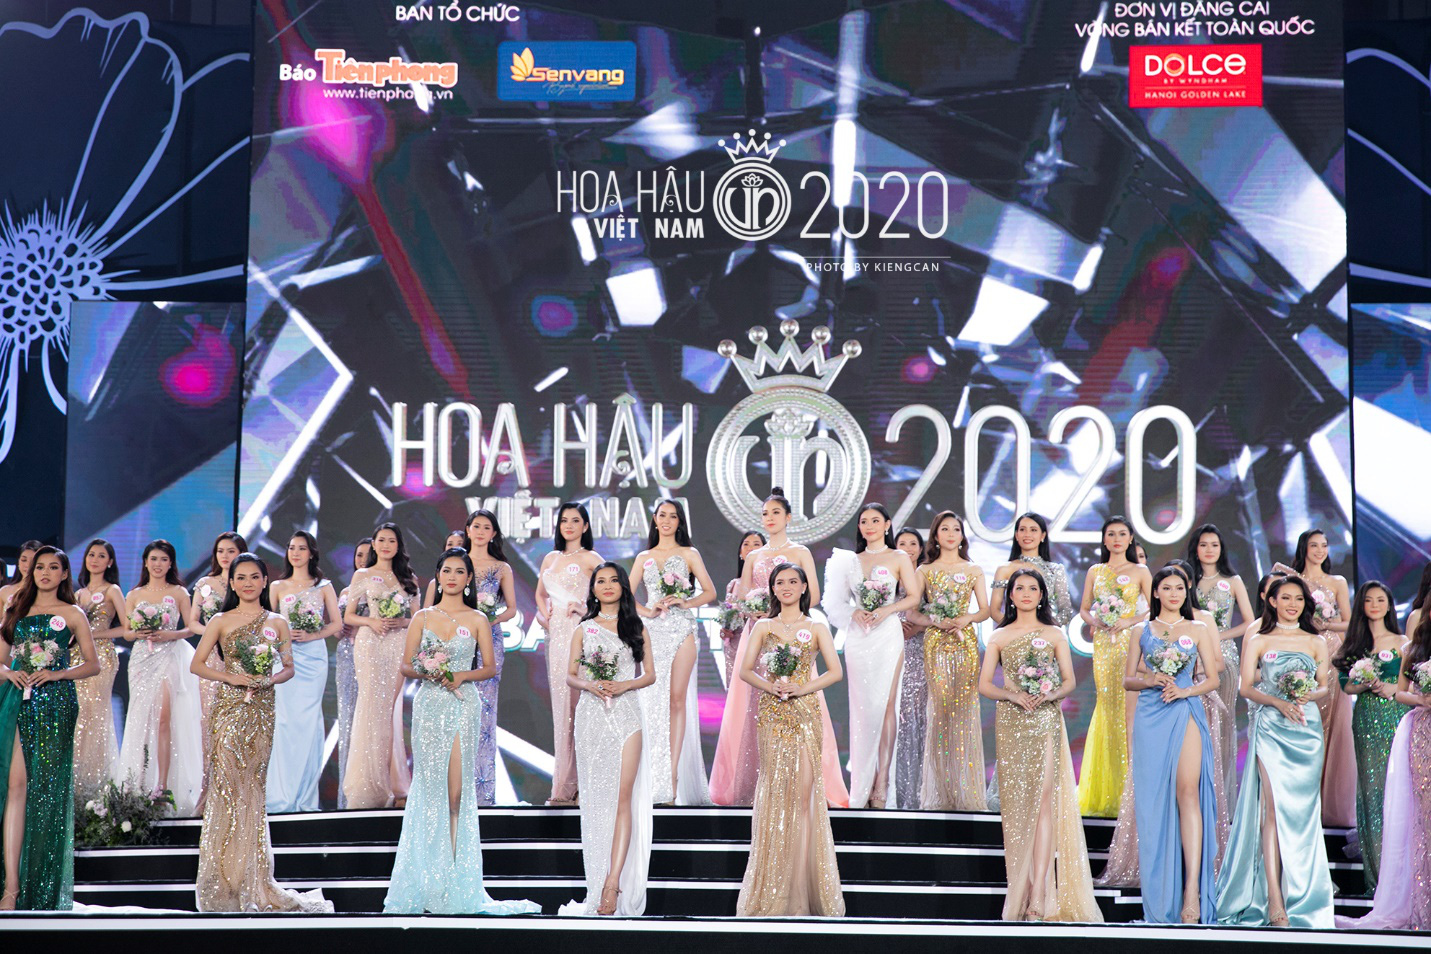 Quyến rũ trong từng đường nét, người đẹp hàng không đi tiếp vào Chung kết Hoa hậu Việt Nam 2020 - Ảnh 1.